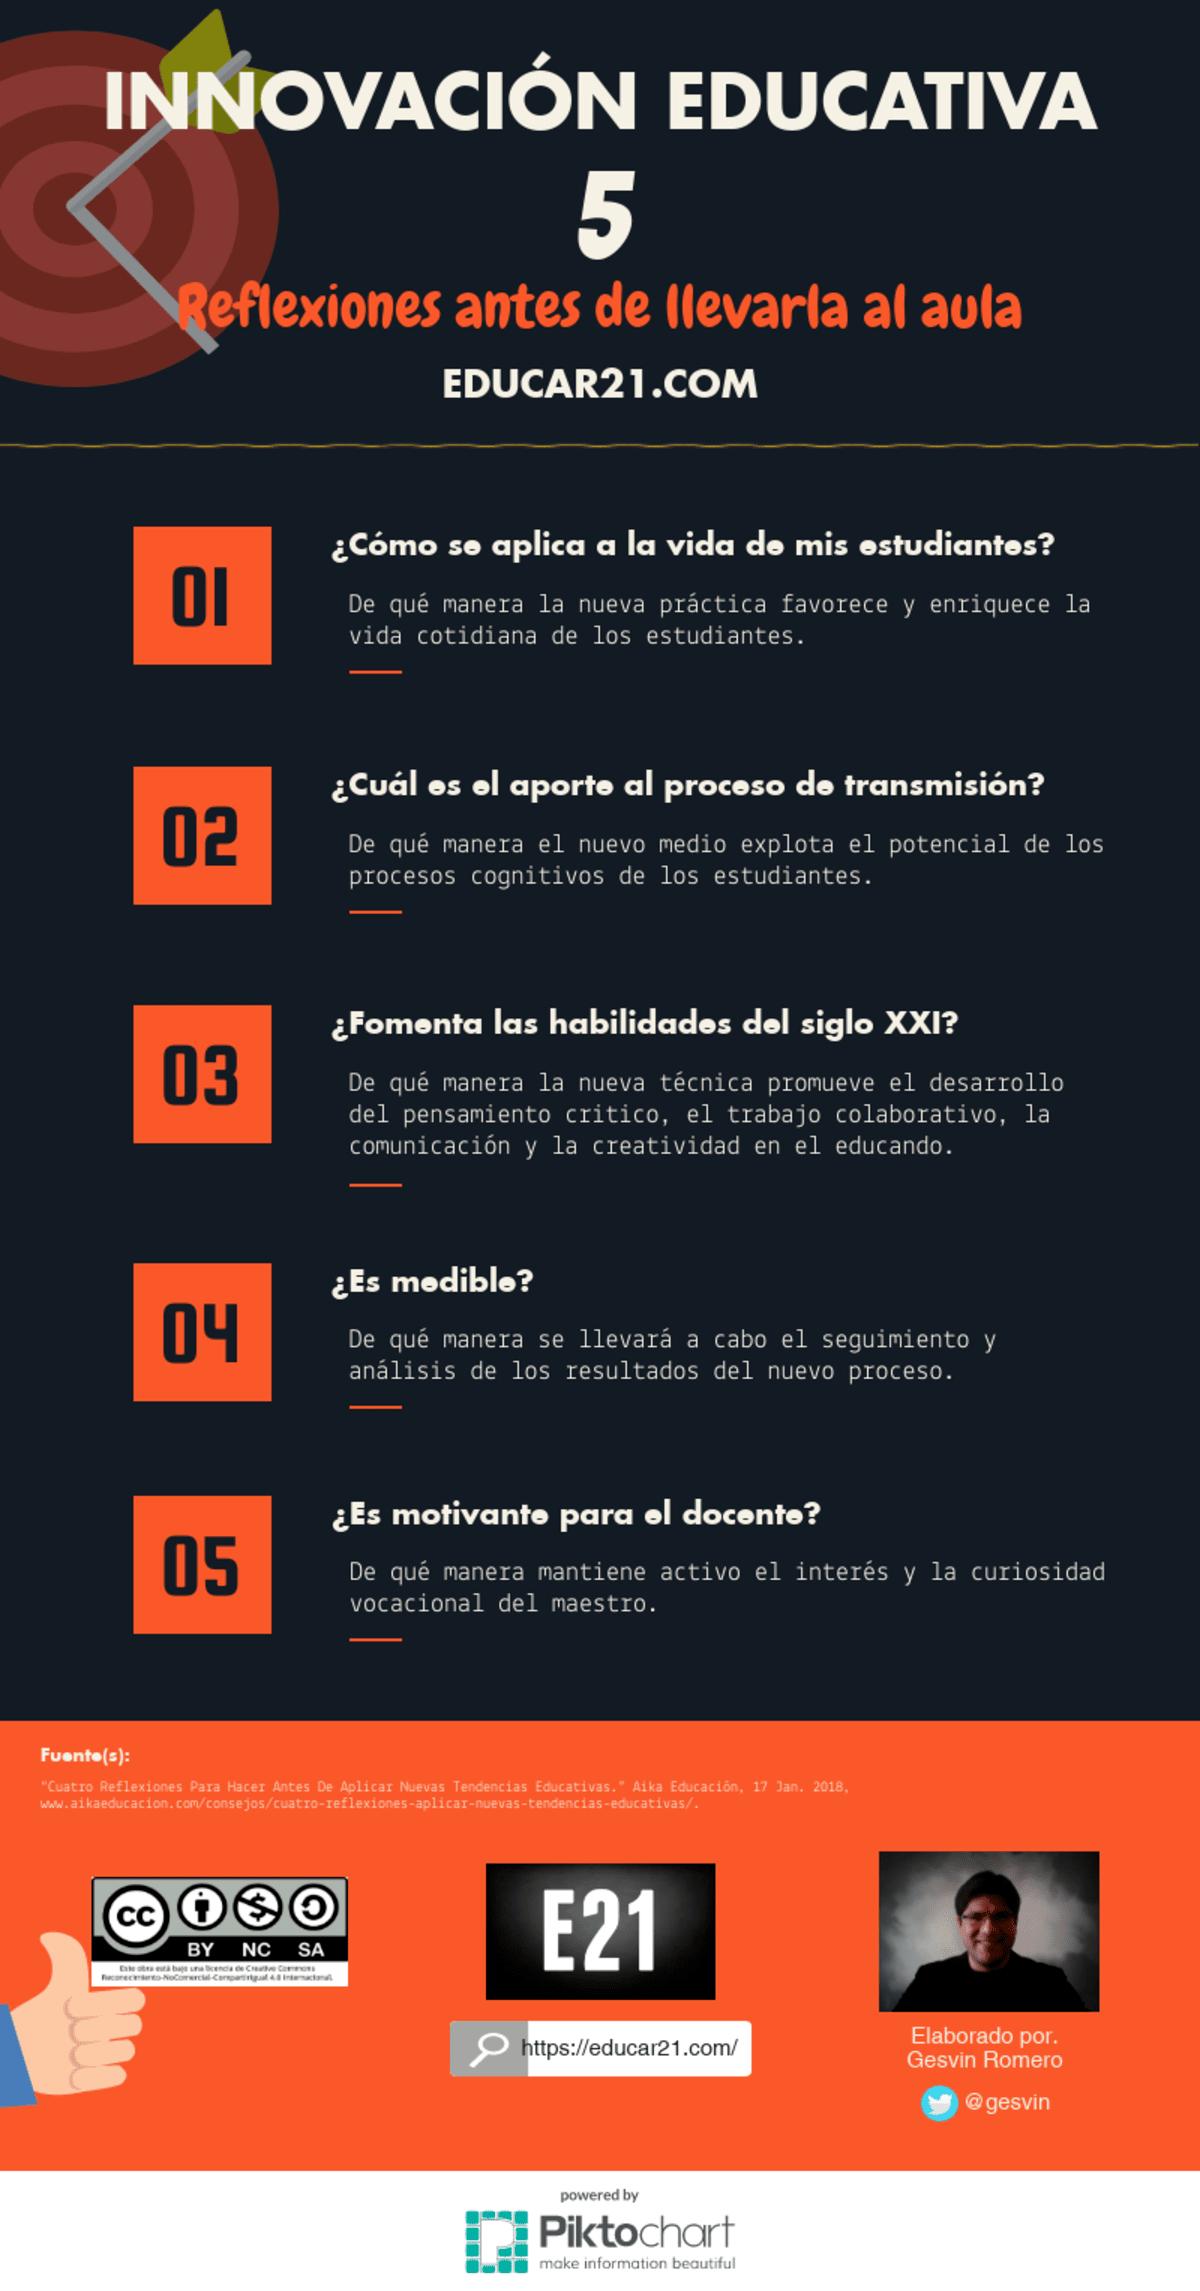 Innovación Educativa en el Aula – 5 Reflexiones Antes de Ponerla en Práctica.